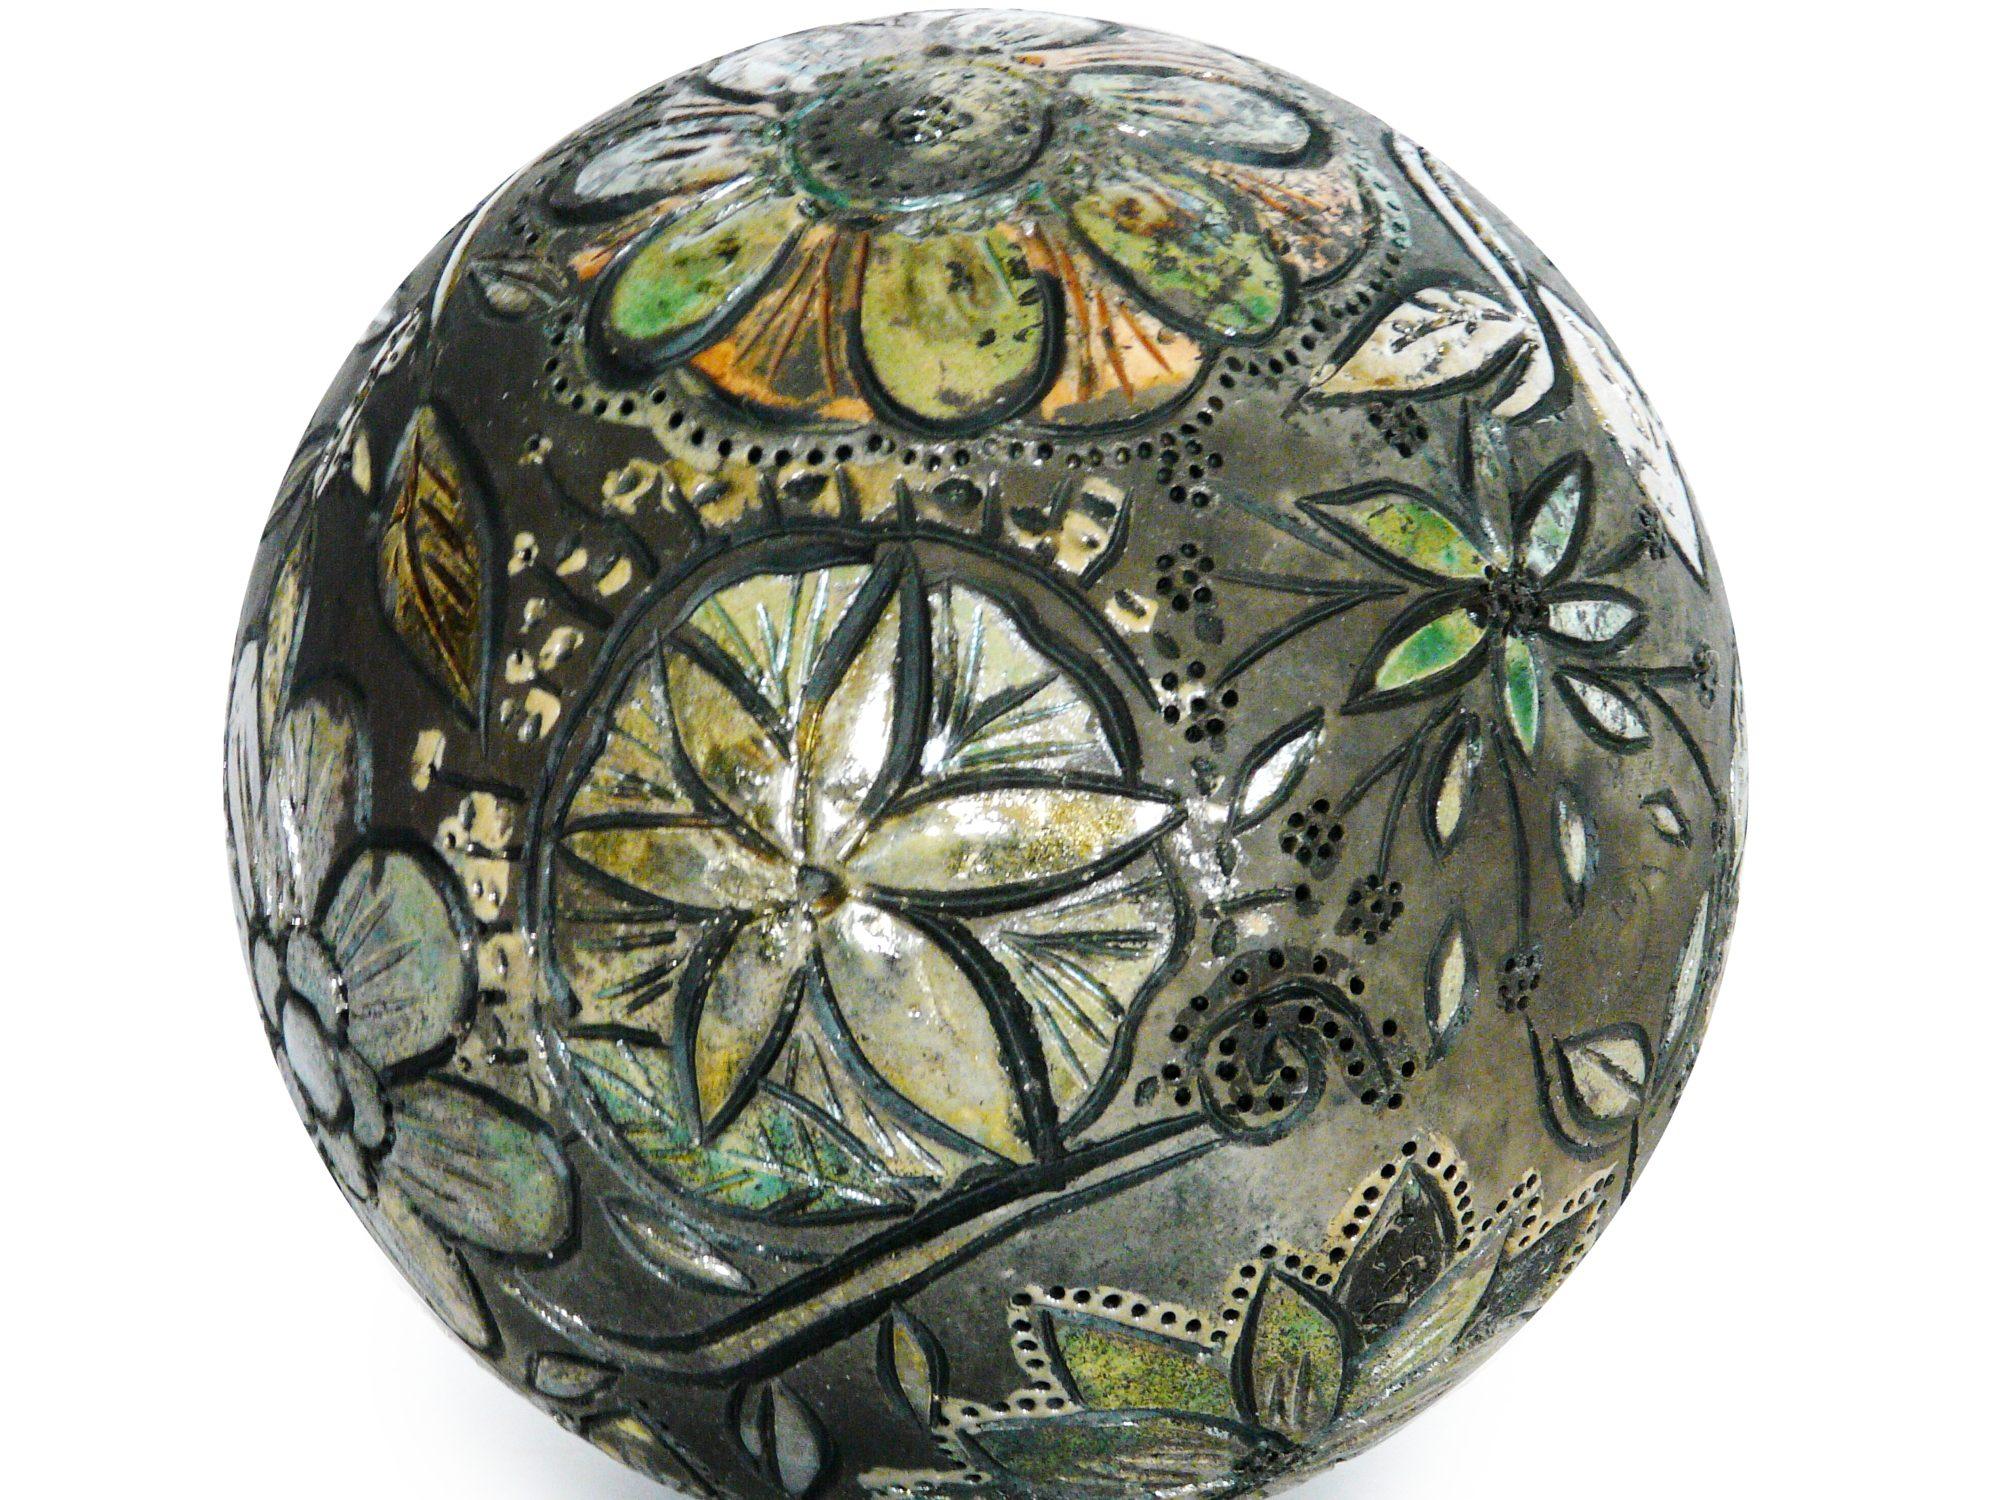 Moon d'automne - ø : 18 CM - Grès - Raku -Gravure - Nitrate d'argent - Oxydes - Sculptures céramique de Florence Lemiegre